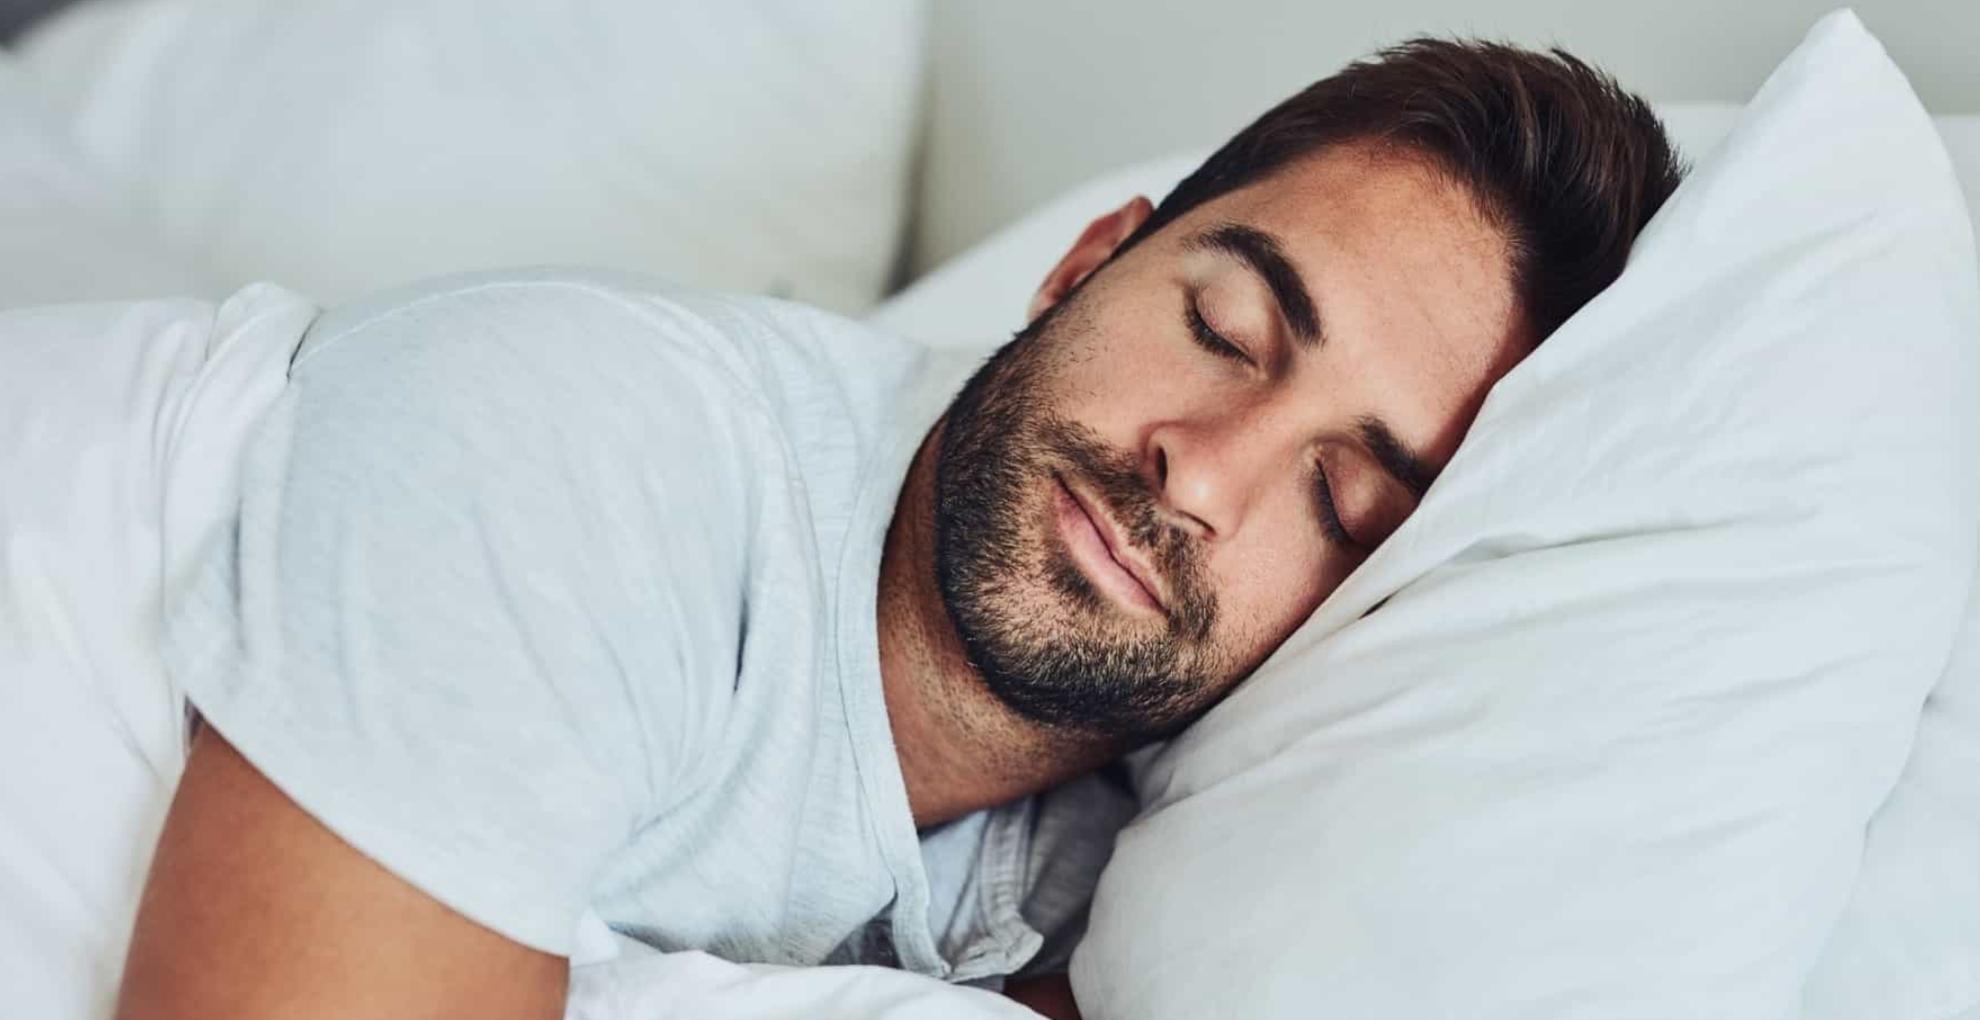 नींद पूरी ना होने की वजह से आप हो सकते हैं मोटापे का शिकार, जानिए इससे होने वाले नुकसान